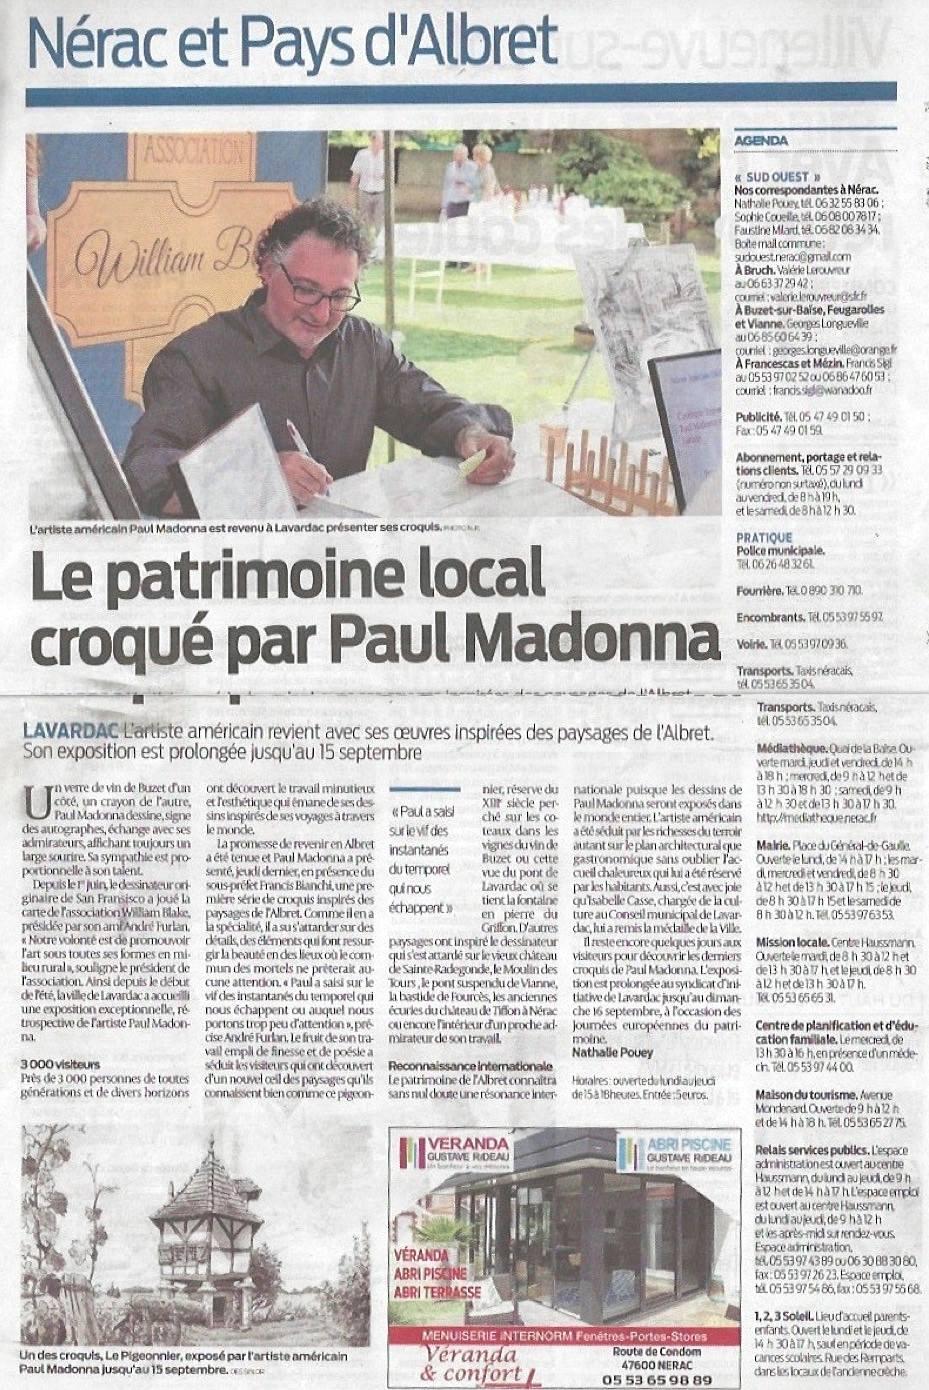 Le patrimoine local croqué par Paul Madonna